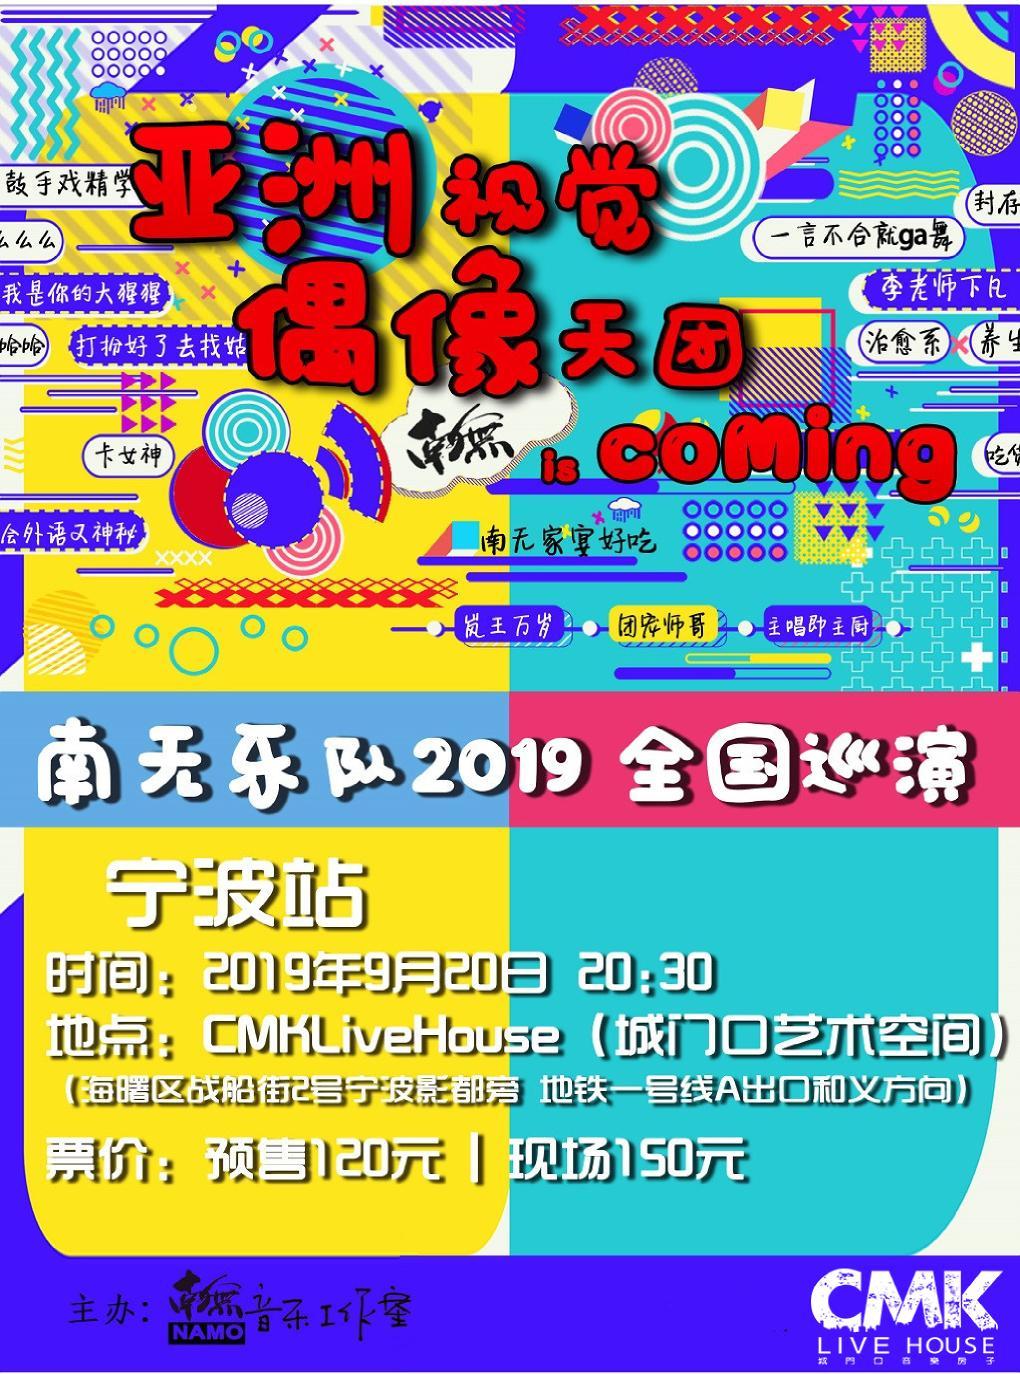 南无乐队2019巡演 宁波站